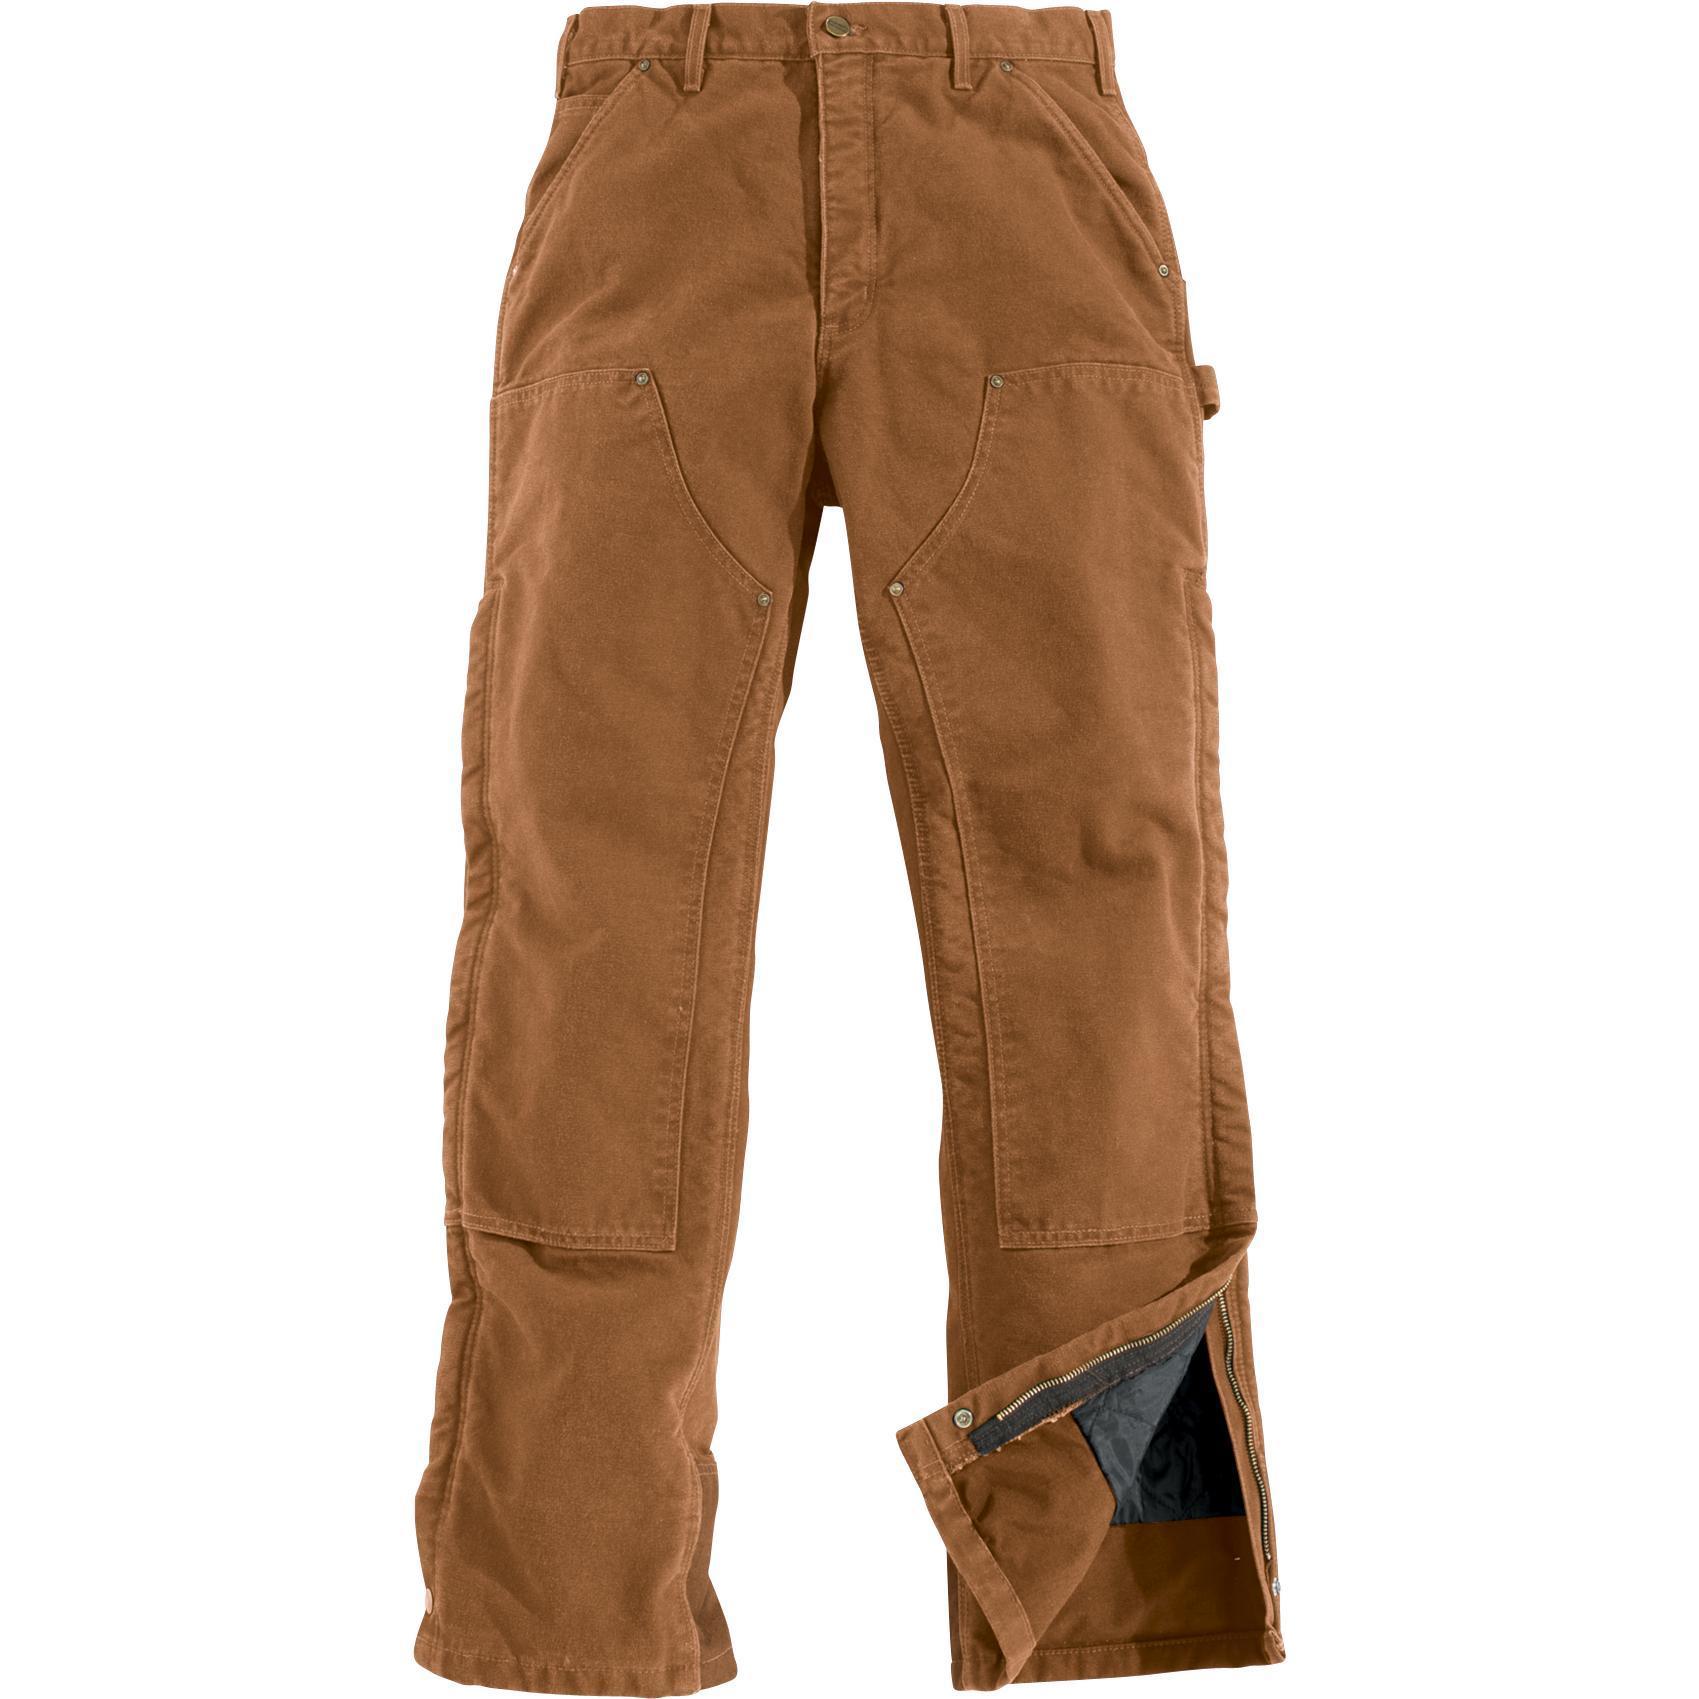 Carhartt Sandstone Quilt-Lined Brown Waist Overall Pants, #B194BRN : carhartt quilt lined pants - Adamdwight.com